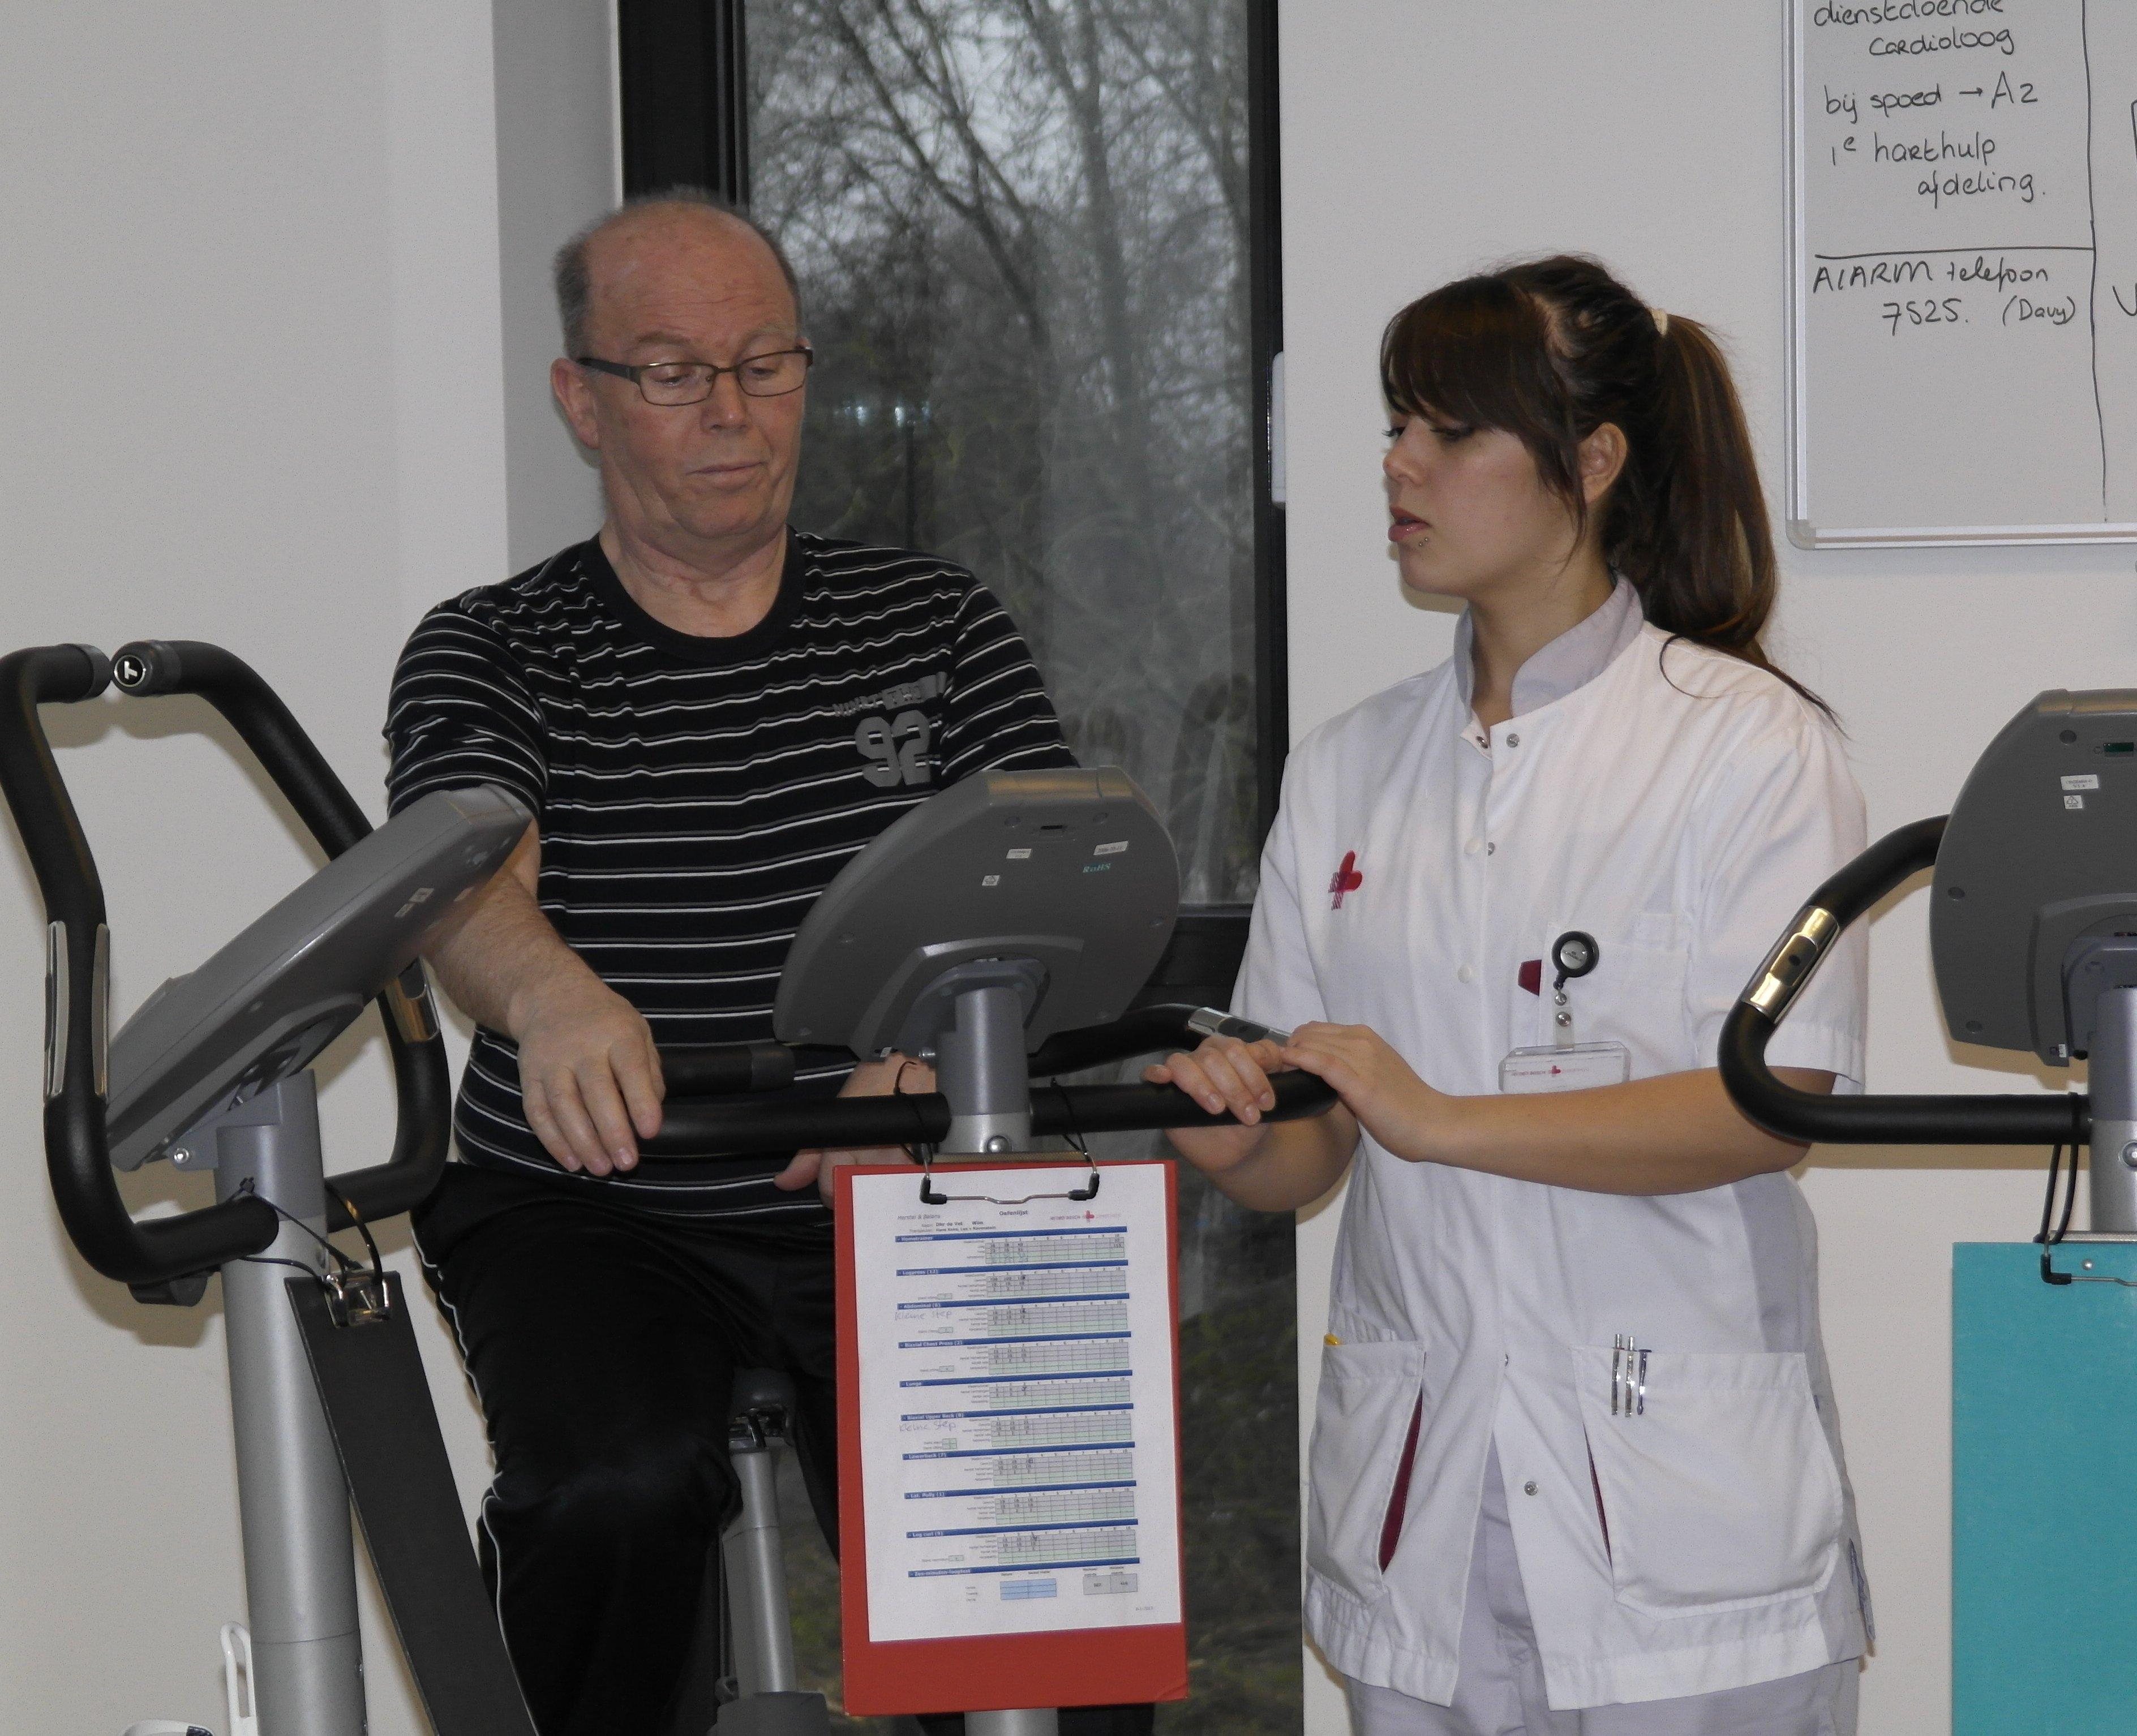 Revalidatie na kanker- Speciale focus op verminderen van vermoeidheid